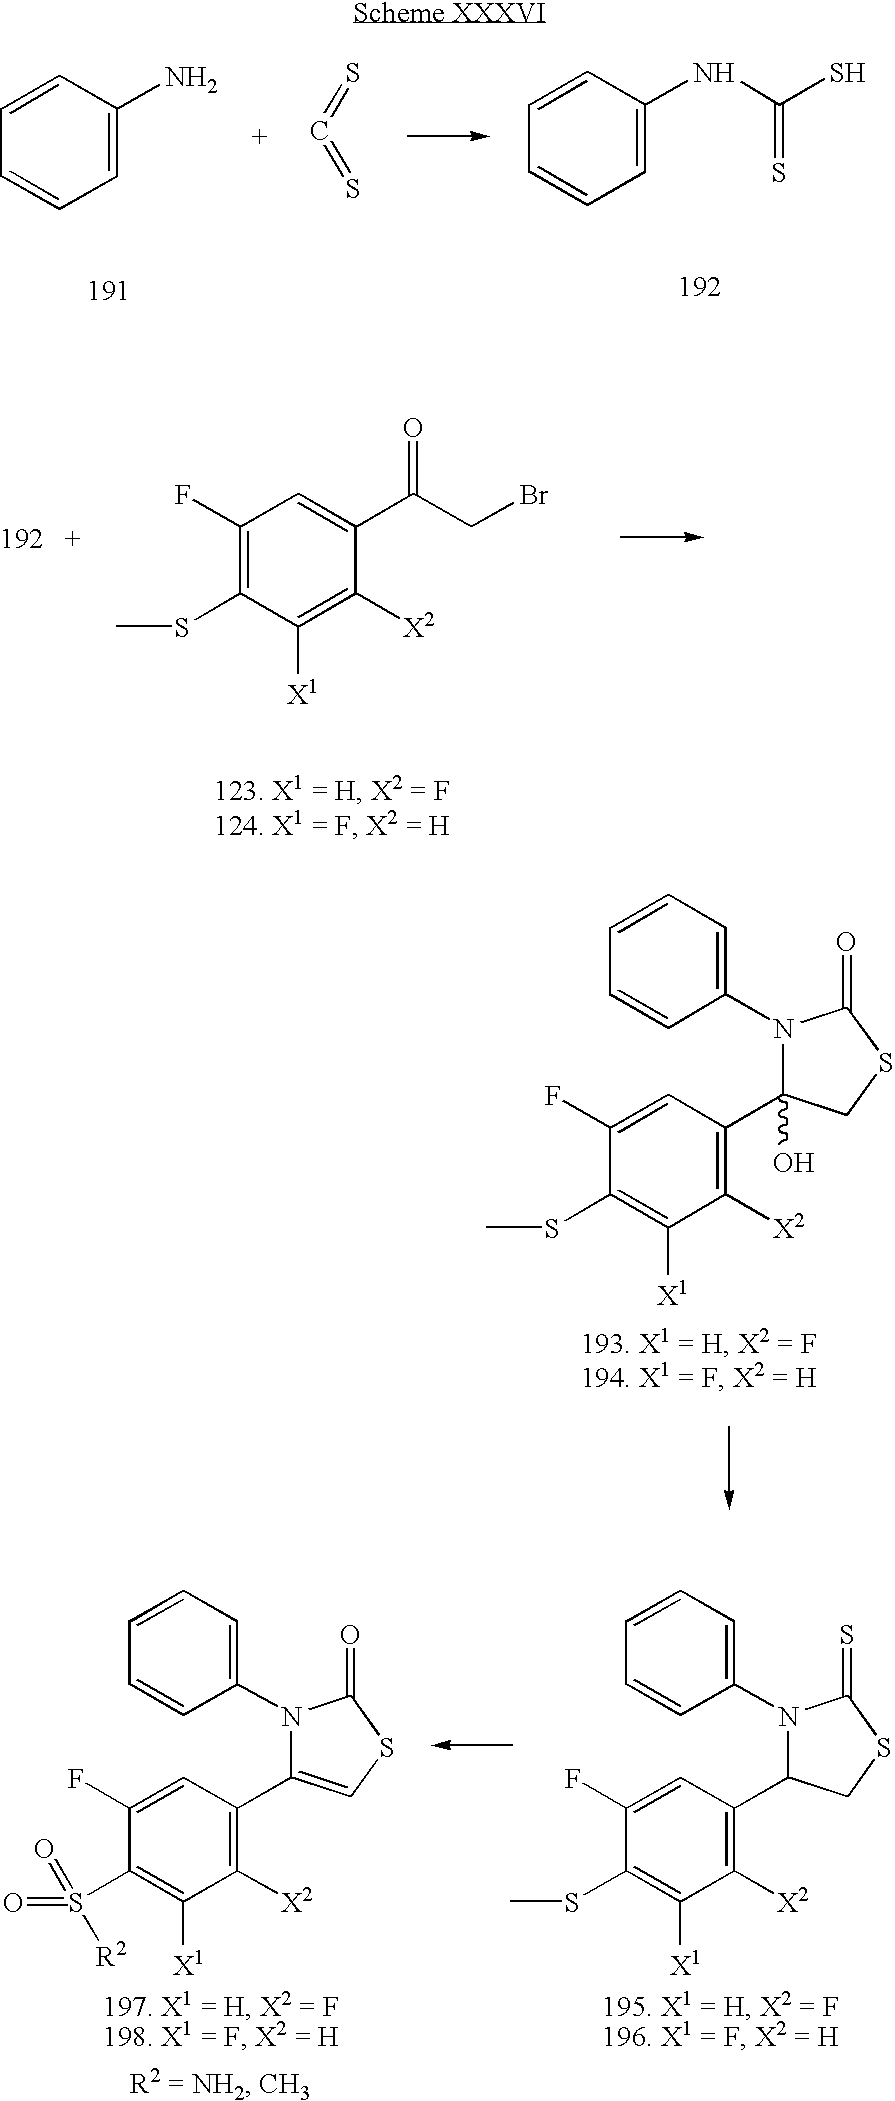 Figure US20040138261A1-20040715-C00058